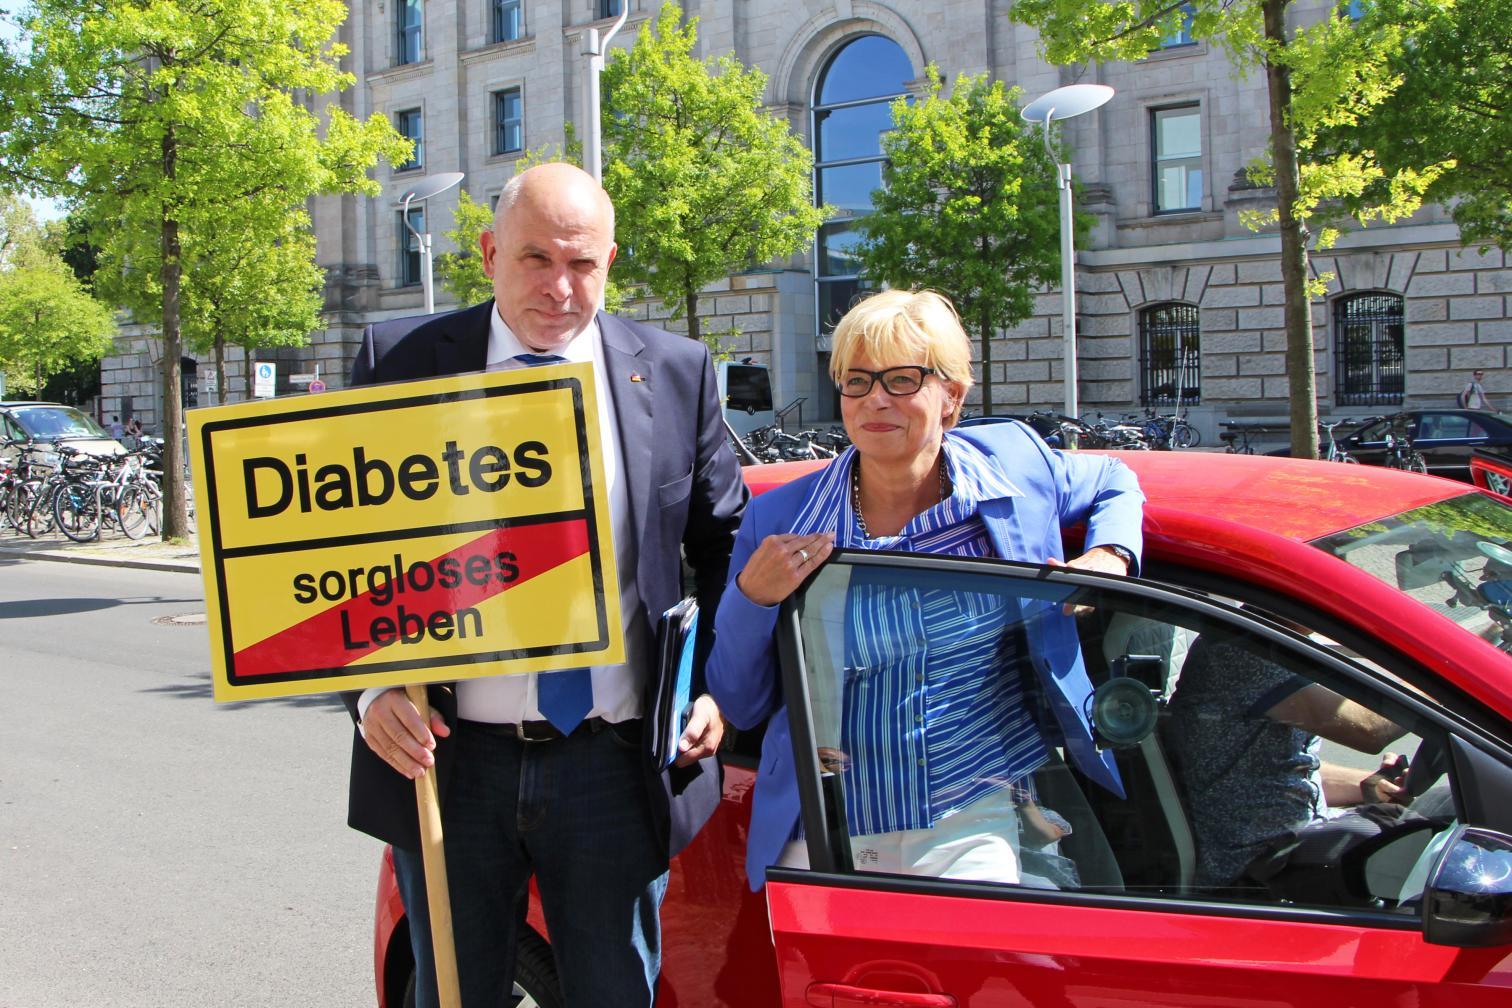 Diabetes-Taxi mit Dietrich Monstadt, CDU